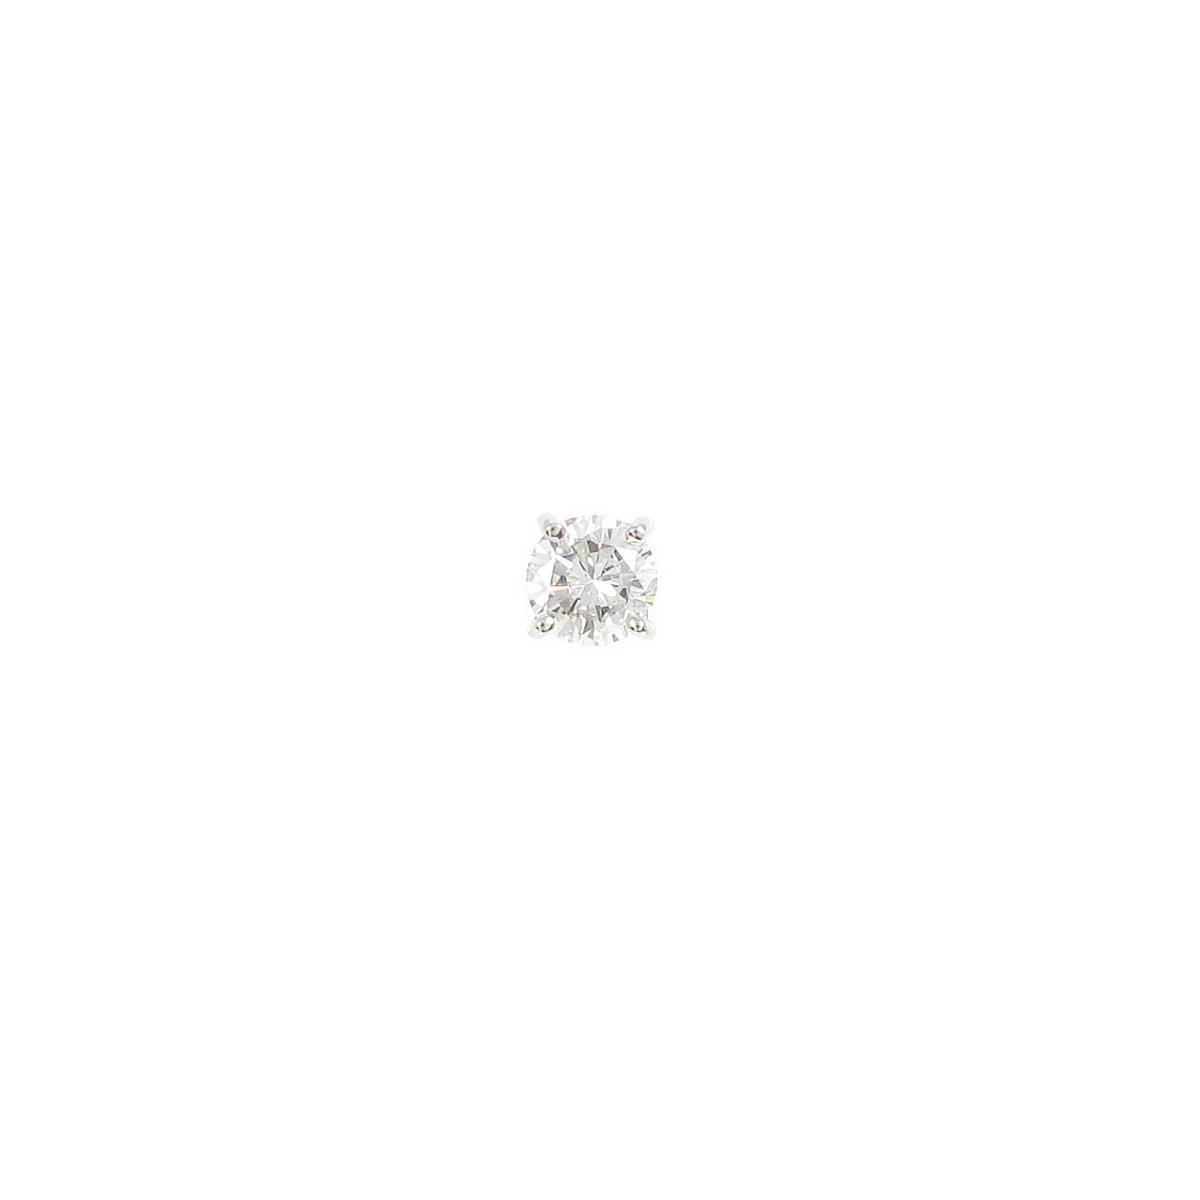 プラチナダイヤモンドピアス 0.429ct・E・VS2・GOOD 片耳【中古】